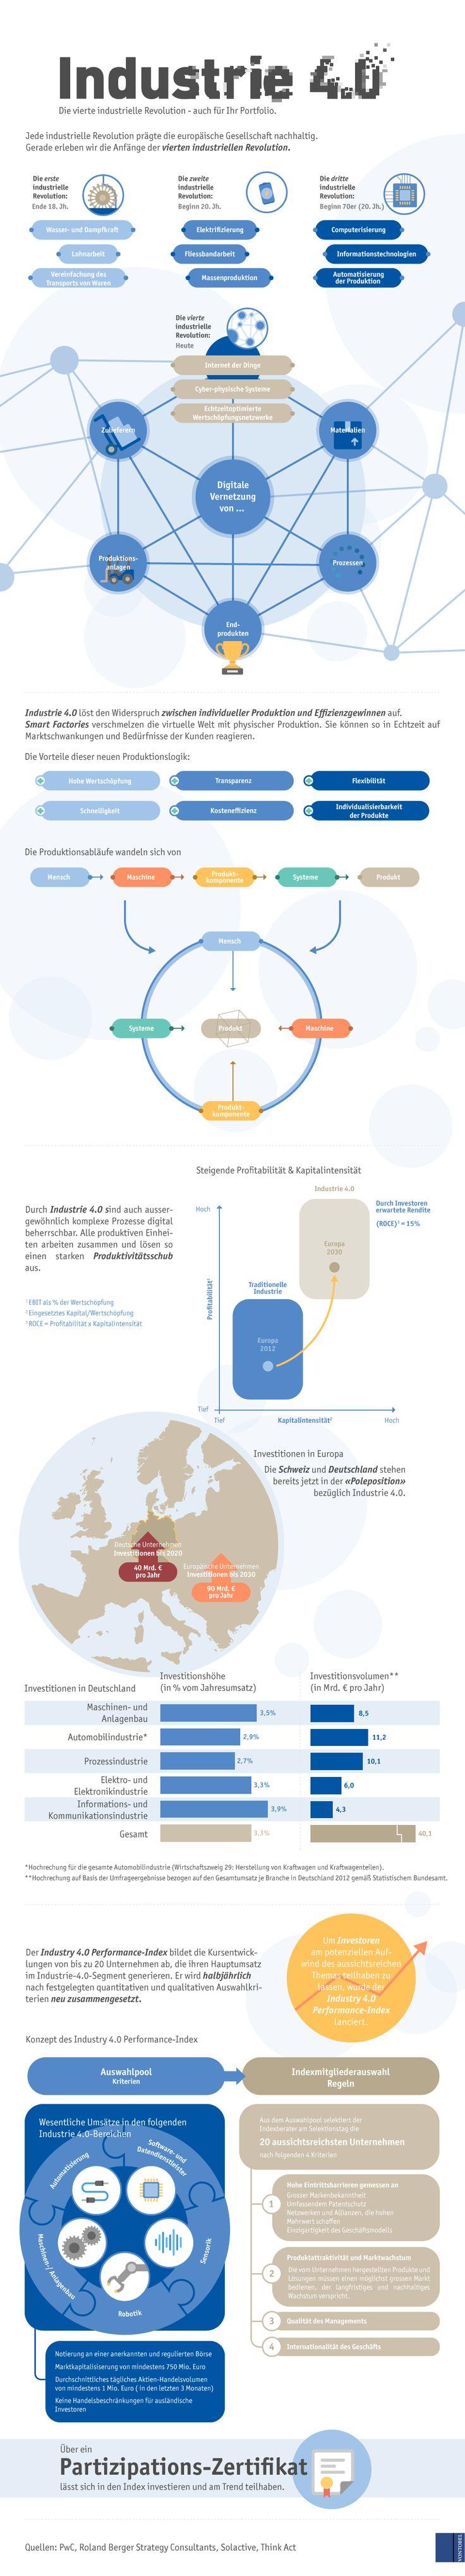 derinews-Blog   Infografik zum Investmentthema Industrie 4.0   derinet® Schweiz